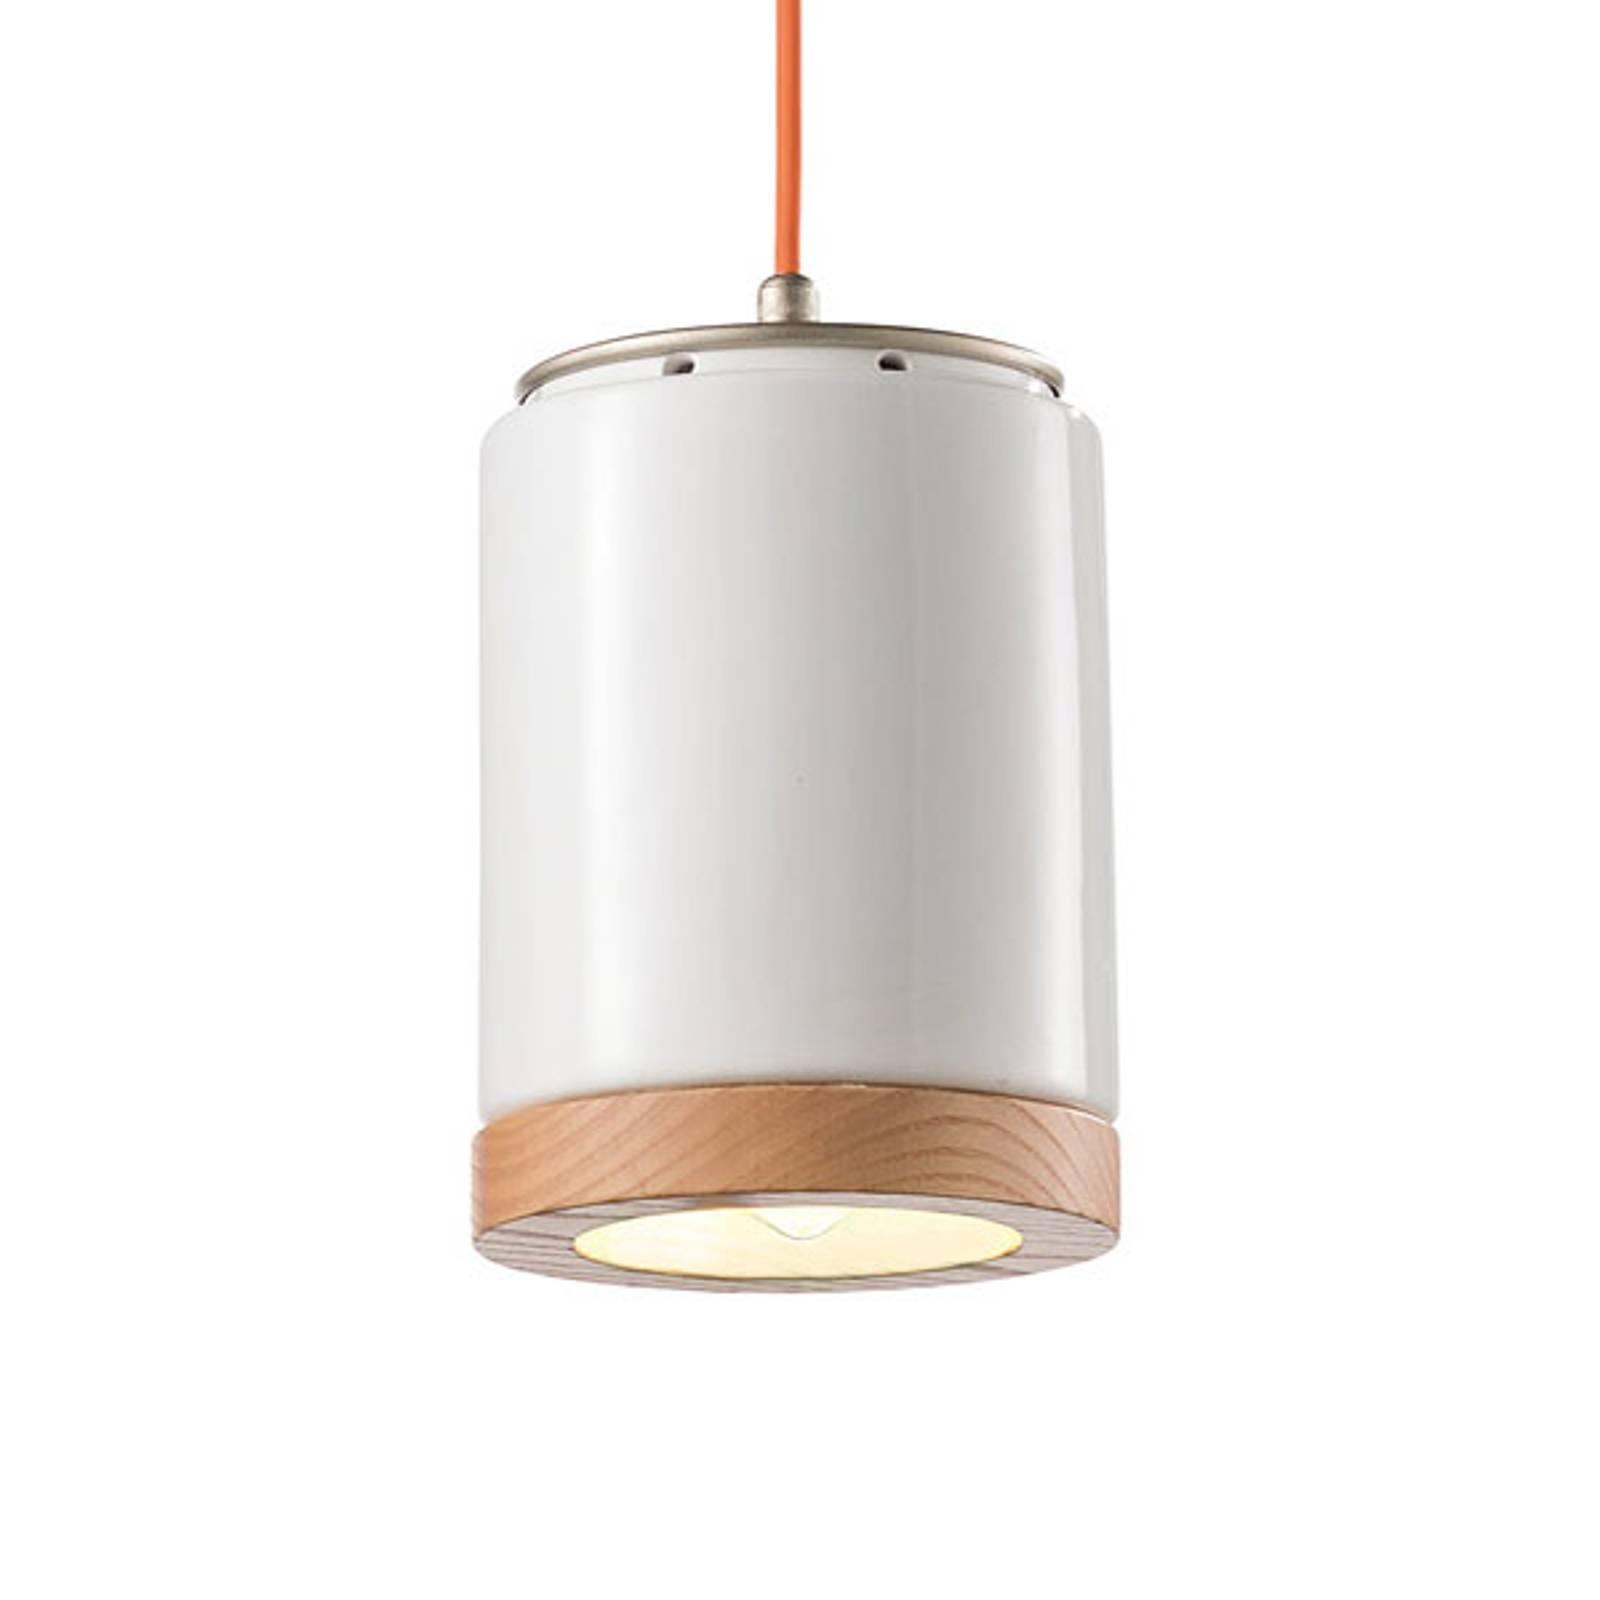 Lampa wisząca C988 w stylu skandynawskim biała